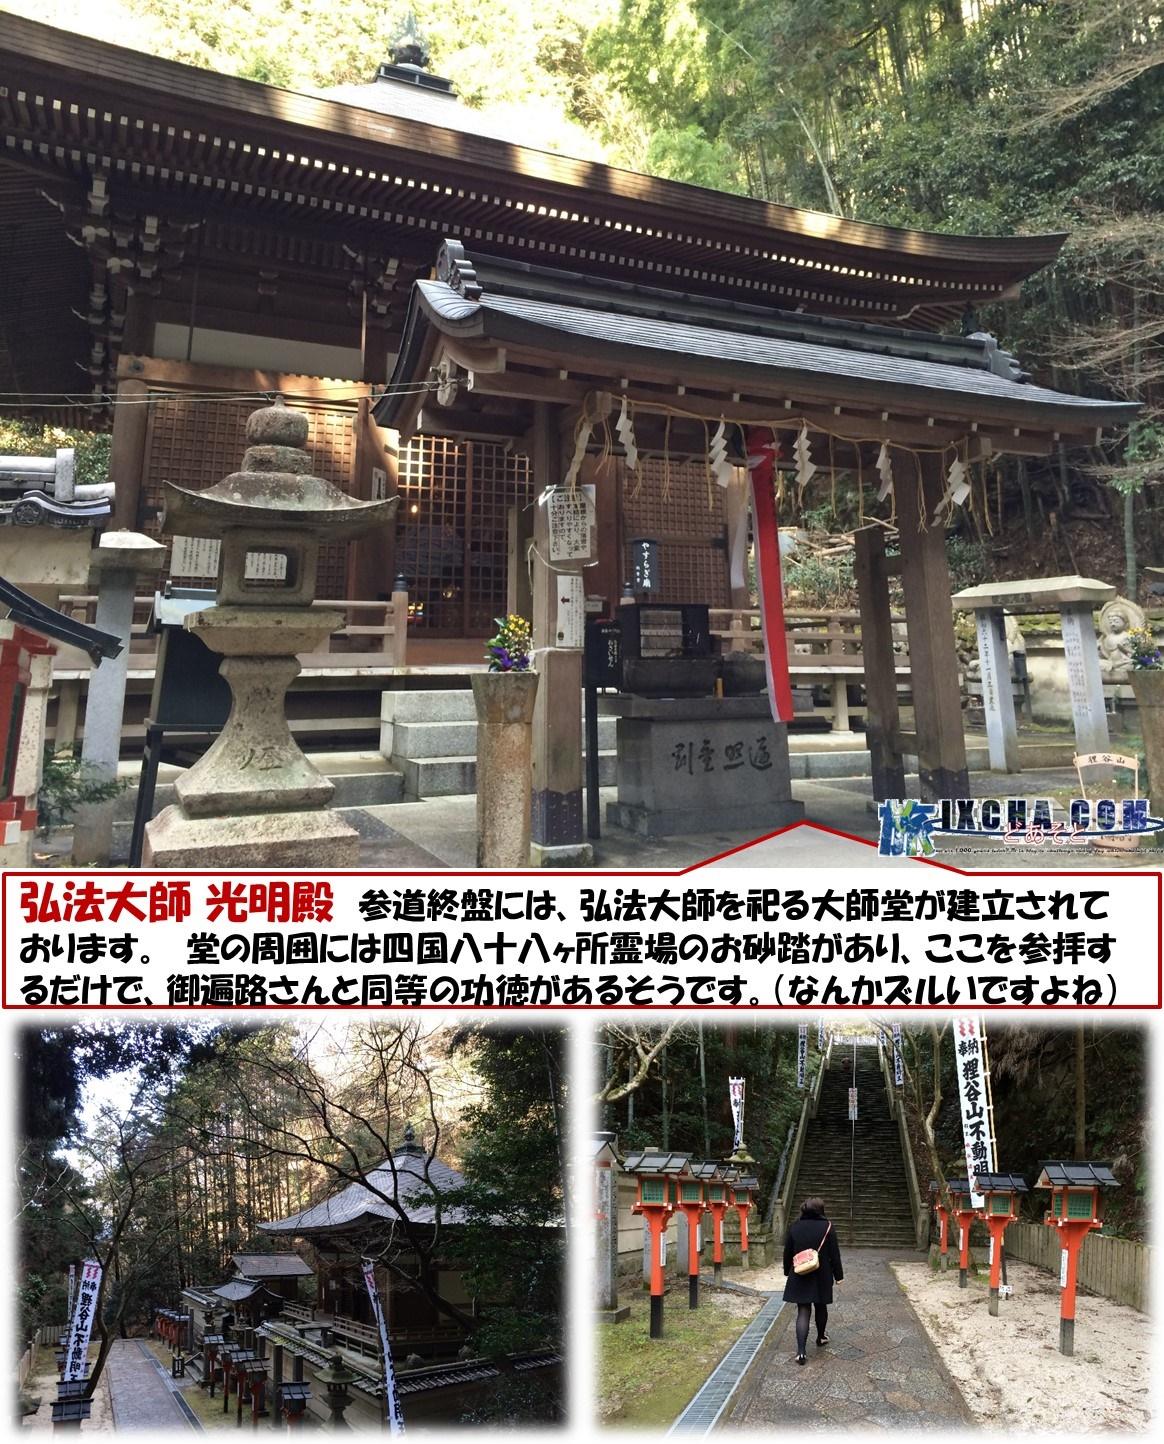 弘法大師 光明殿 参道終盤には、弘法大師を祀る大師堂が建立されております。 堂の周囲には四国八十八ヶ所霊場のお砂踏があり、ここを参拝するだけで、御遍路さんと同等の功徳があるそうです。(なんかズルいですよね)